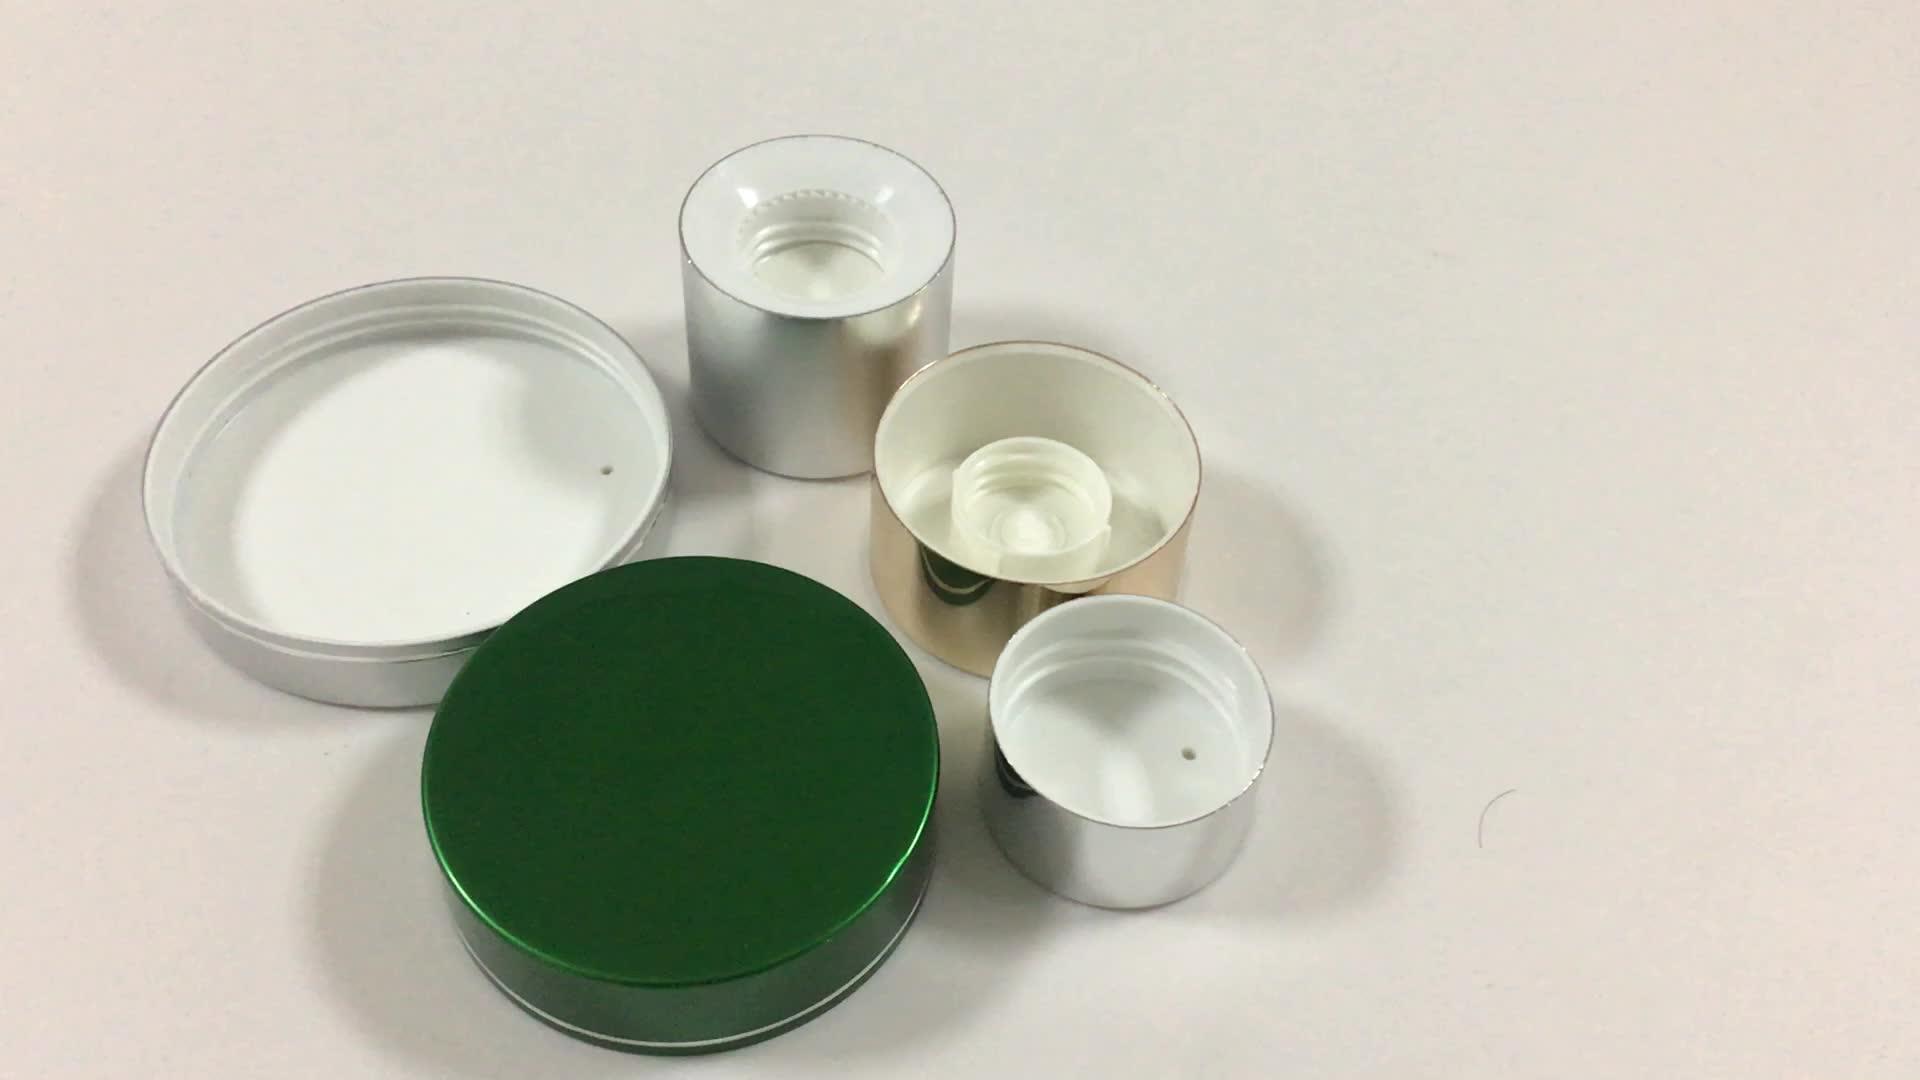 63/400江蘇省工場卸売さまざまな色クリーム瓶アルミ蓋/キャップシールカバー用化粧品包装